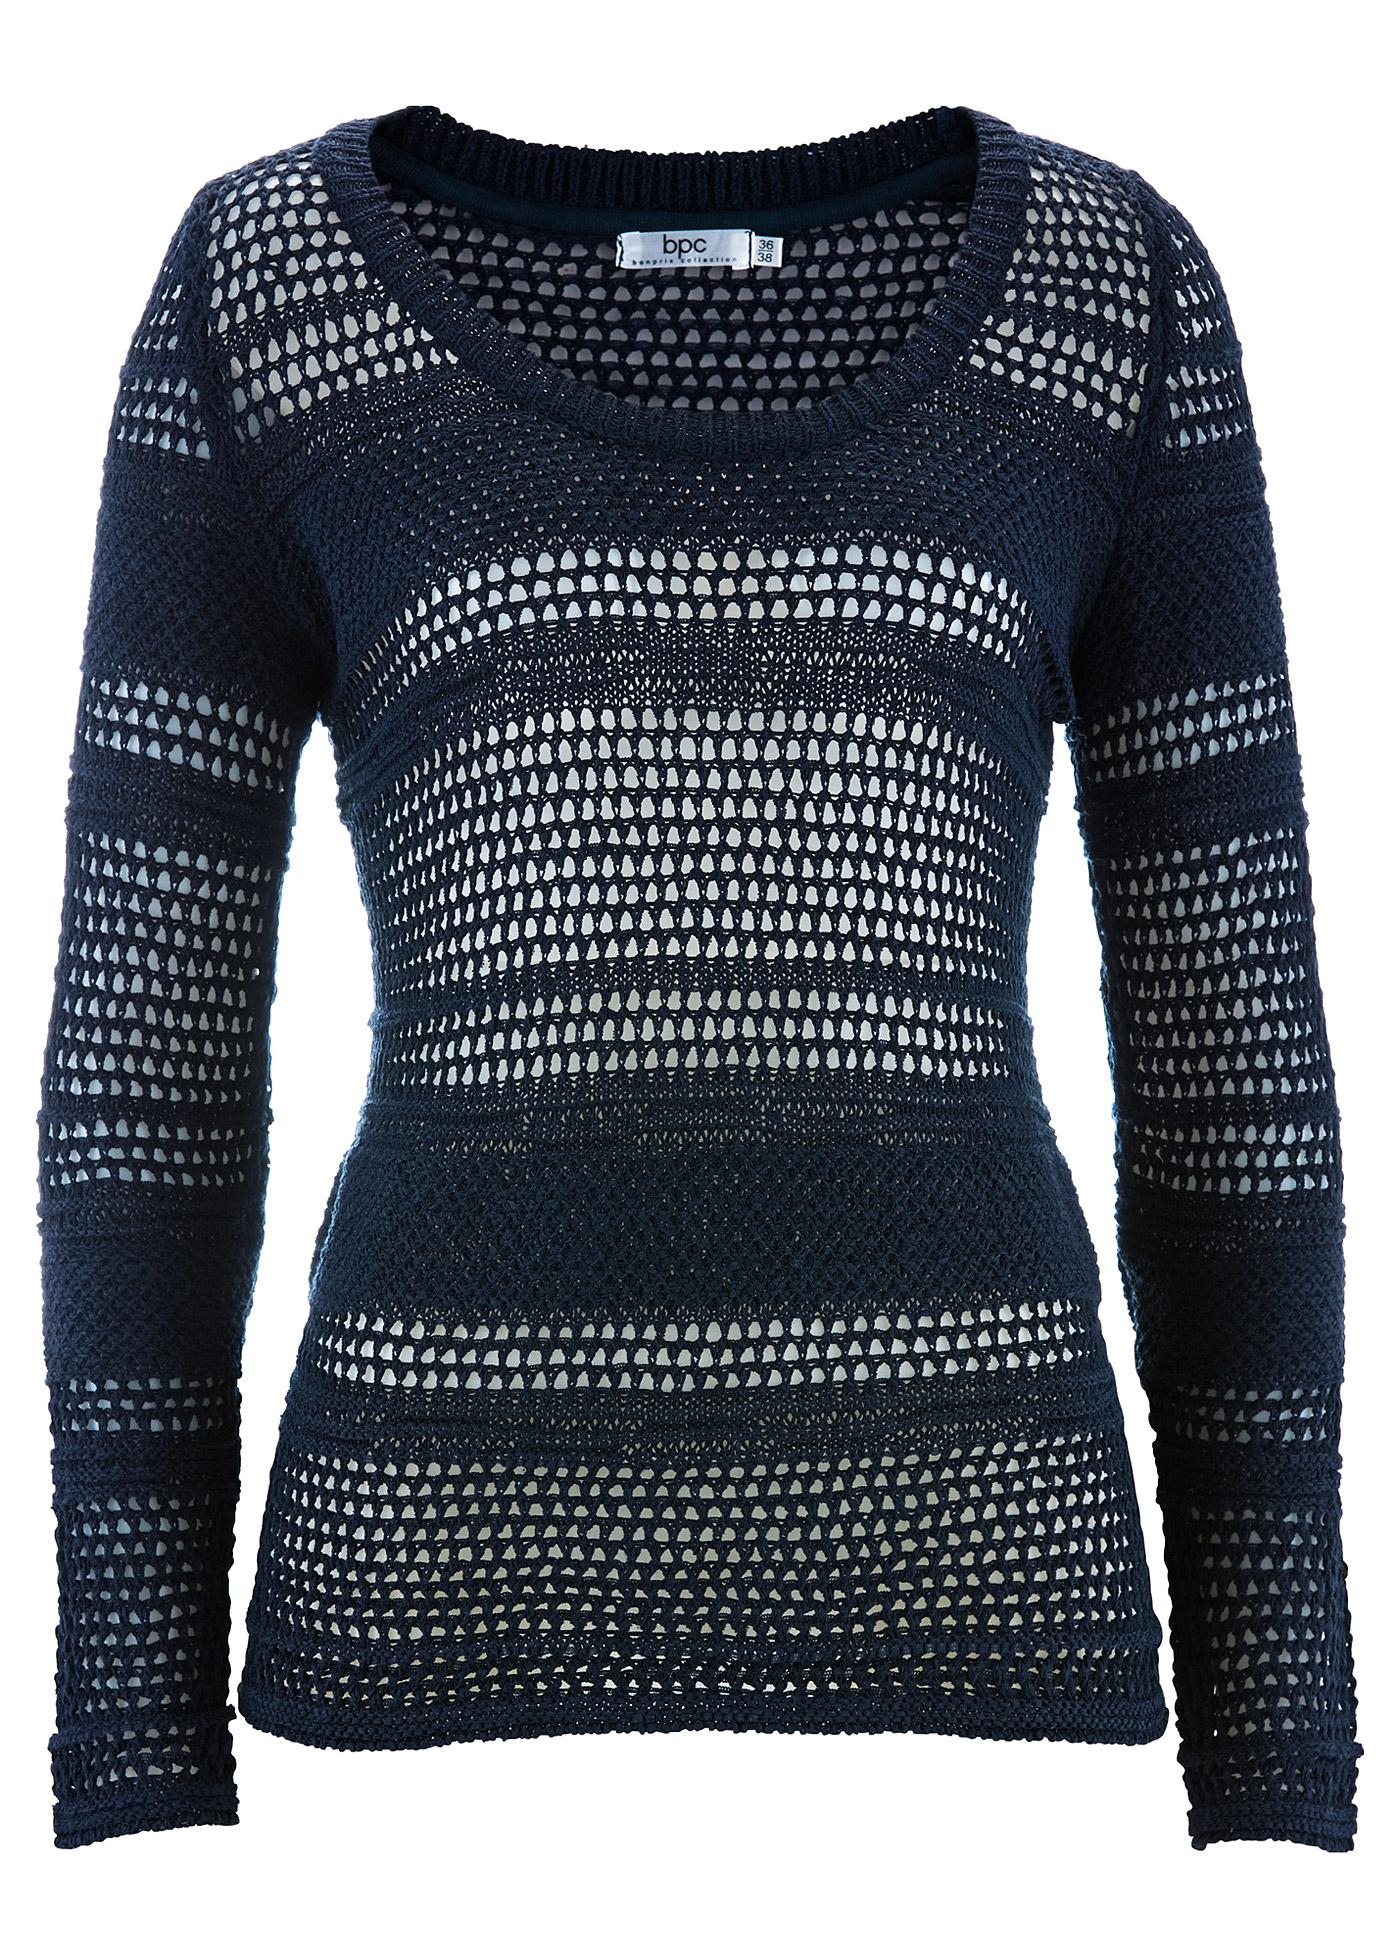 bpc bonprix collection Pullover, Langarm in blau für Damen von bonprix Damenmode > Damenbekleidung > Damenpullover > Damen Pullover Rundhals